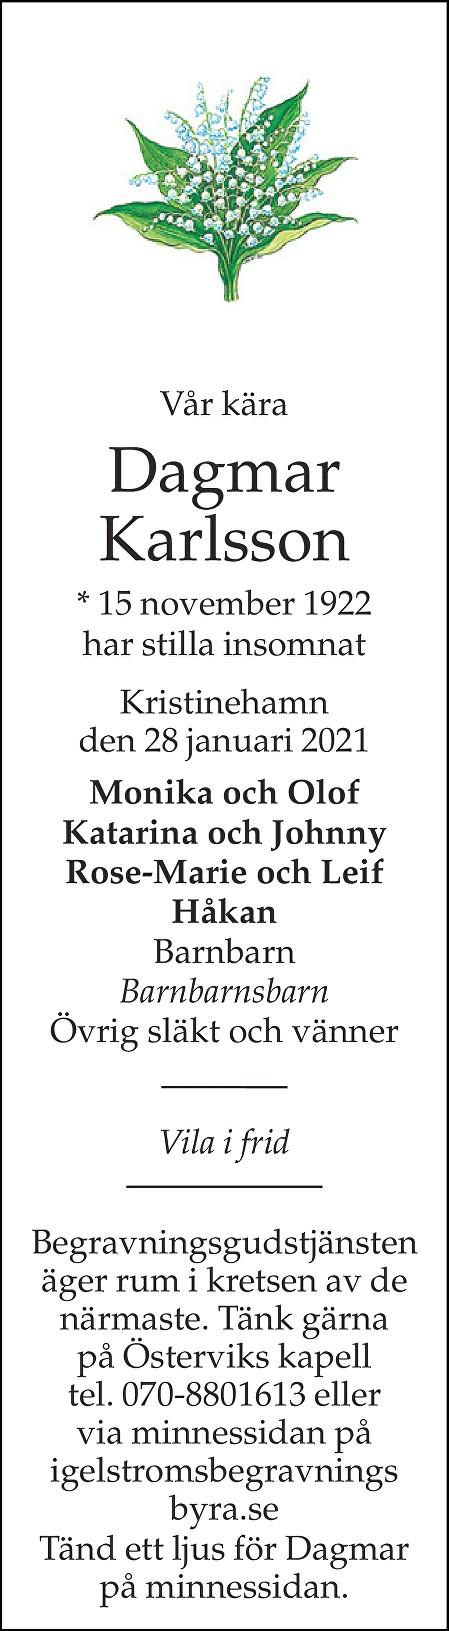 Dagmar Karlsson Death notice